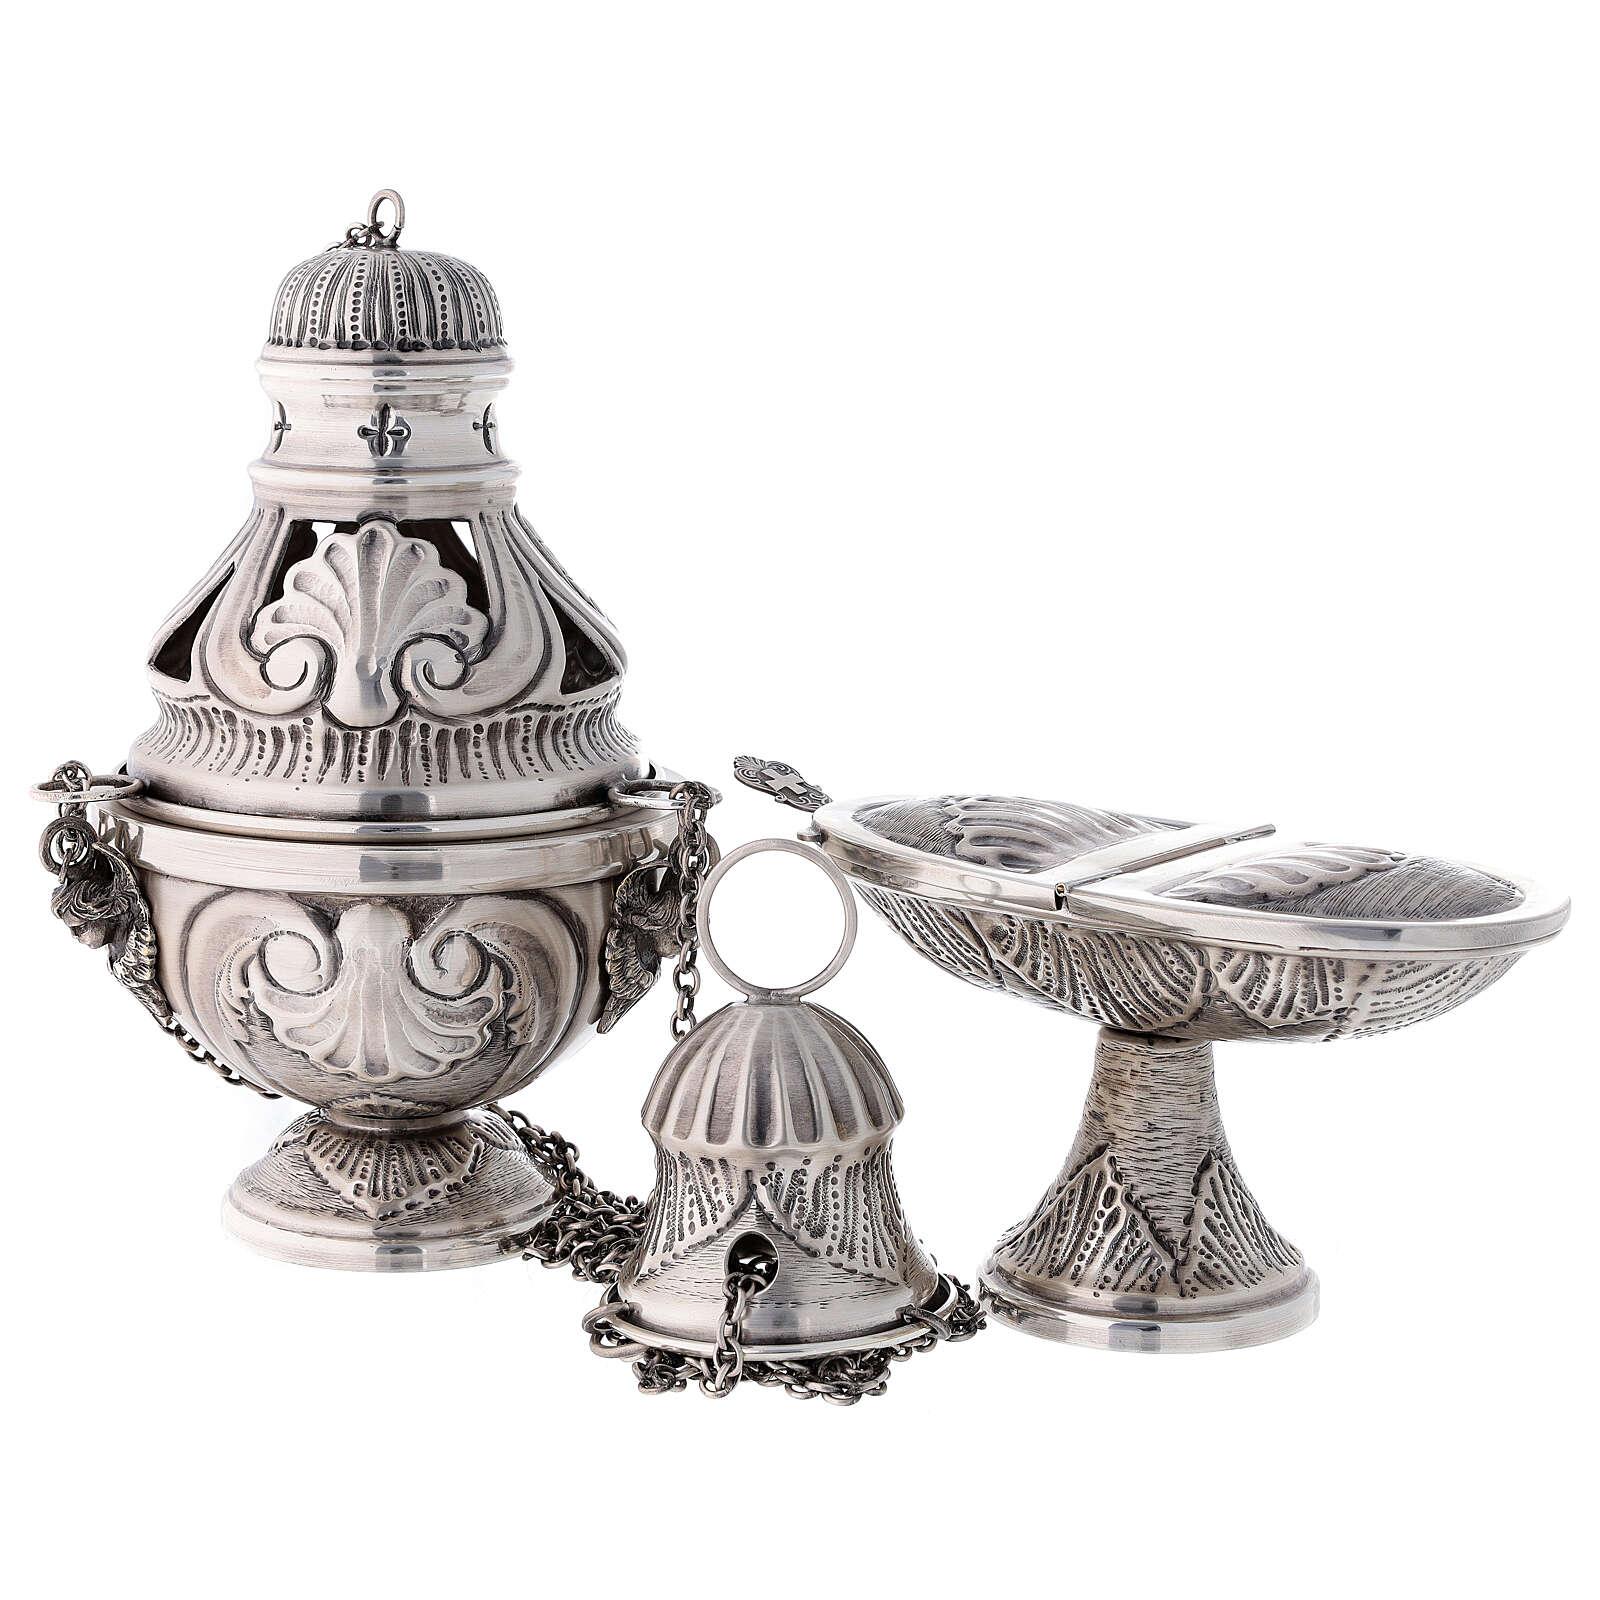 Conjunto turíbulo, naveta e colher com anjos latão prateado cinzelado 3